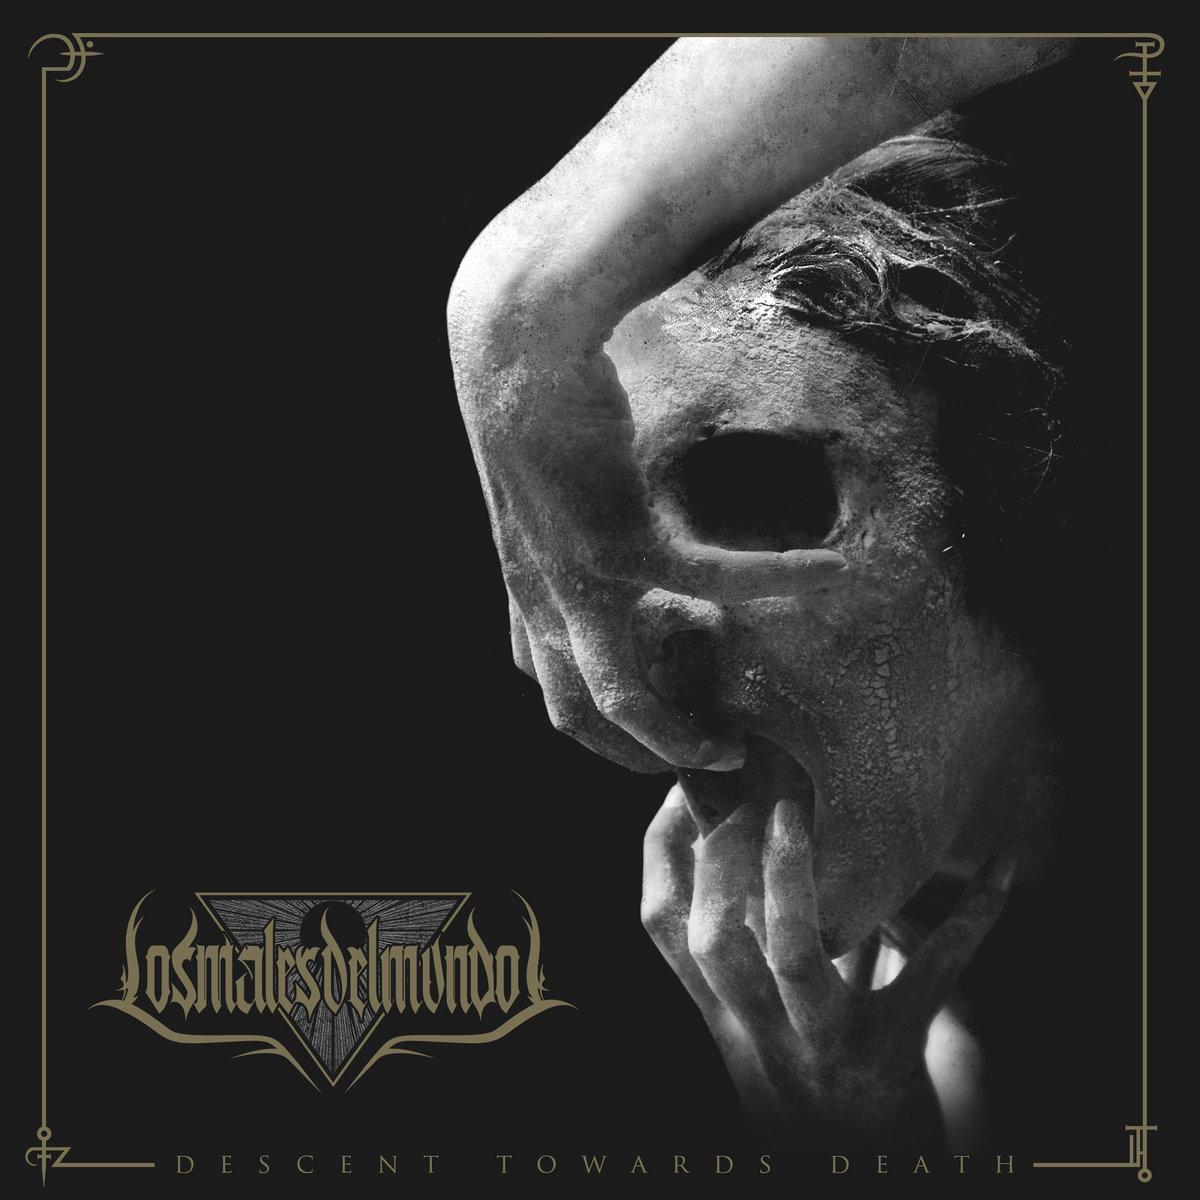 Los Males Del Mundo Descent Towards Death Album Cover Artwork